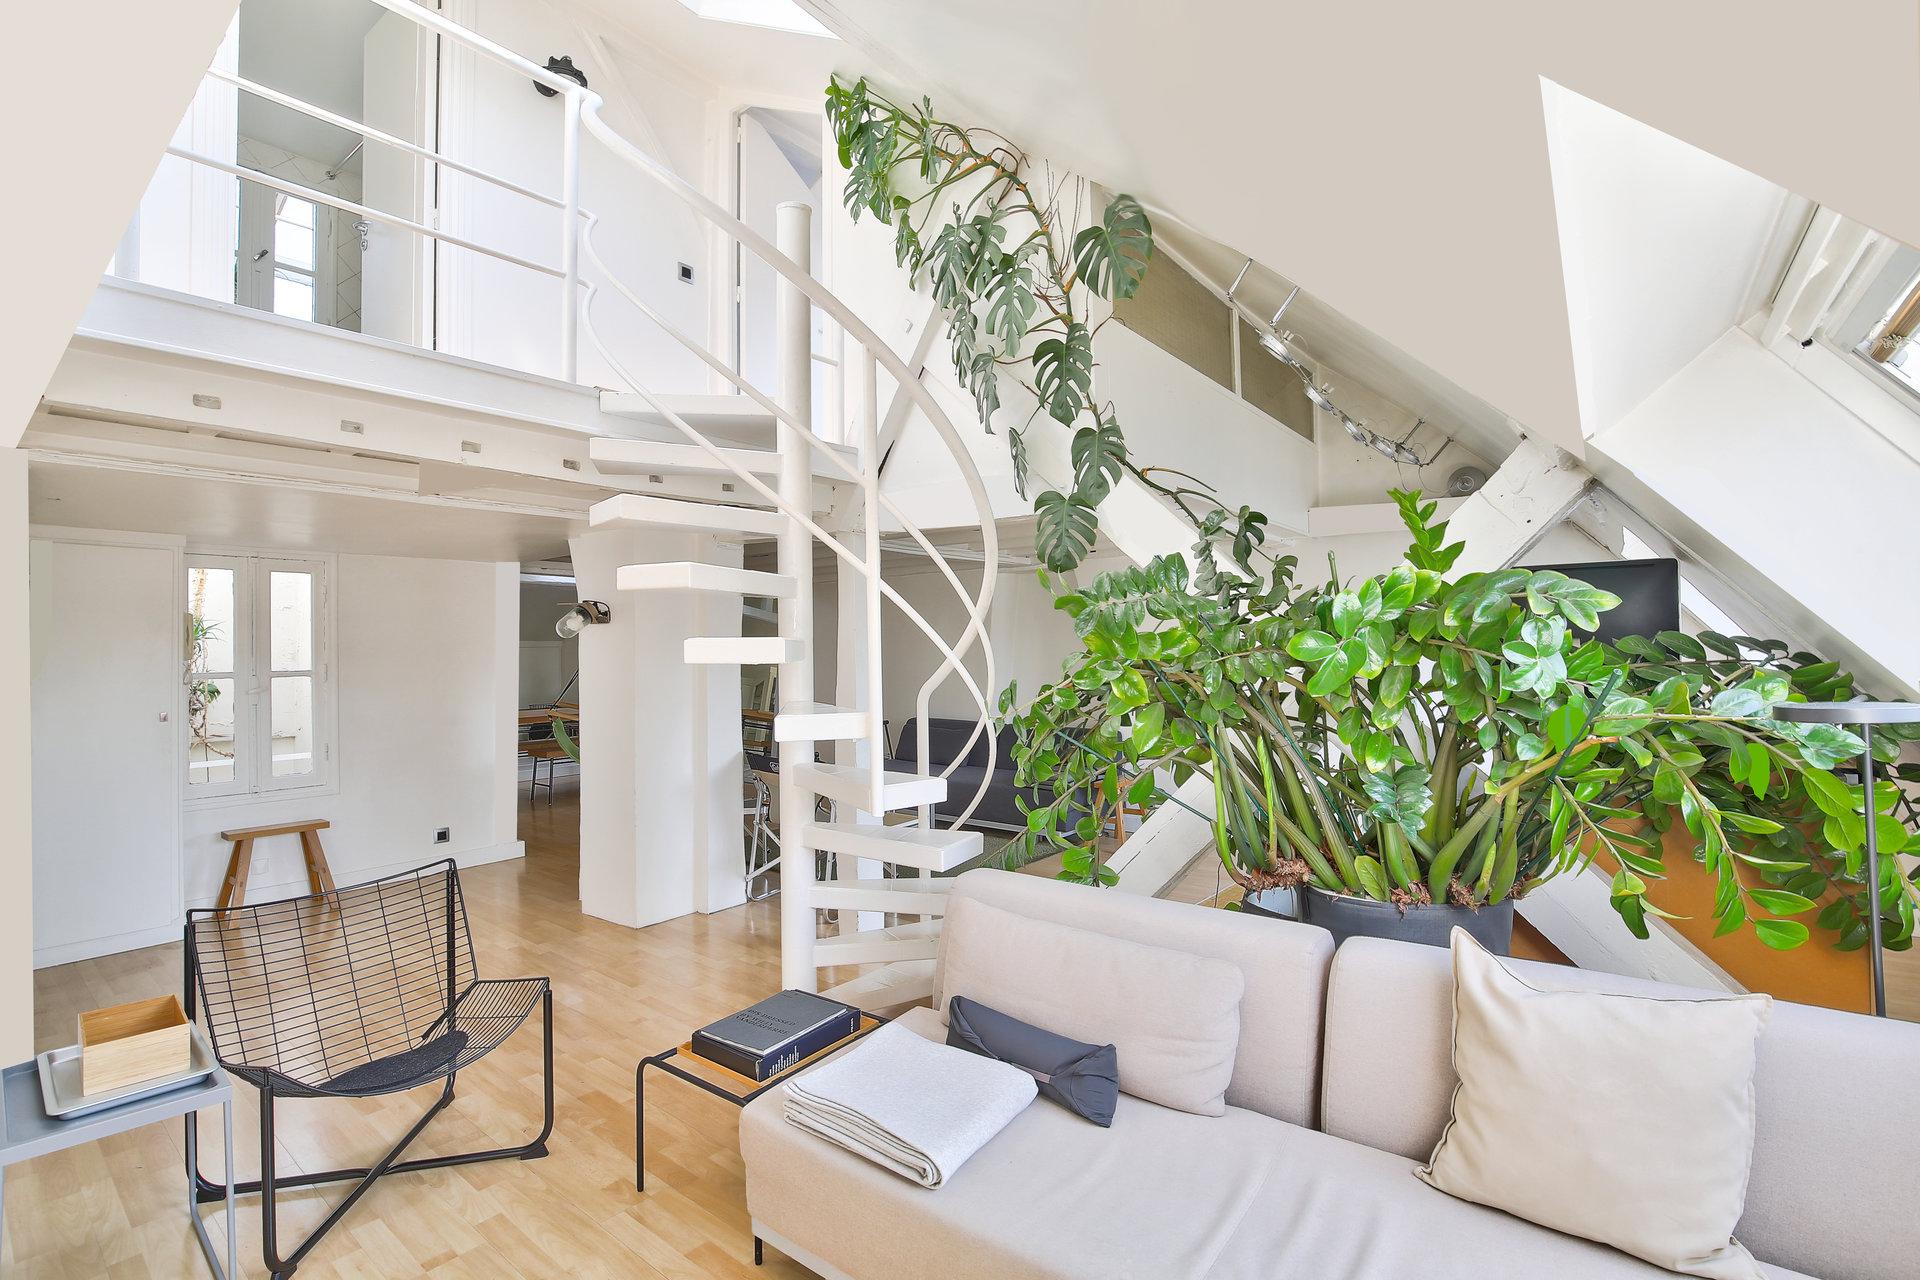 loft-atypique-a-vendre-paris-3-turenne-charme-ancien-poutres-apparentes-luminosite